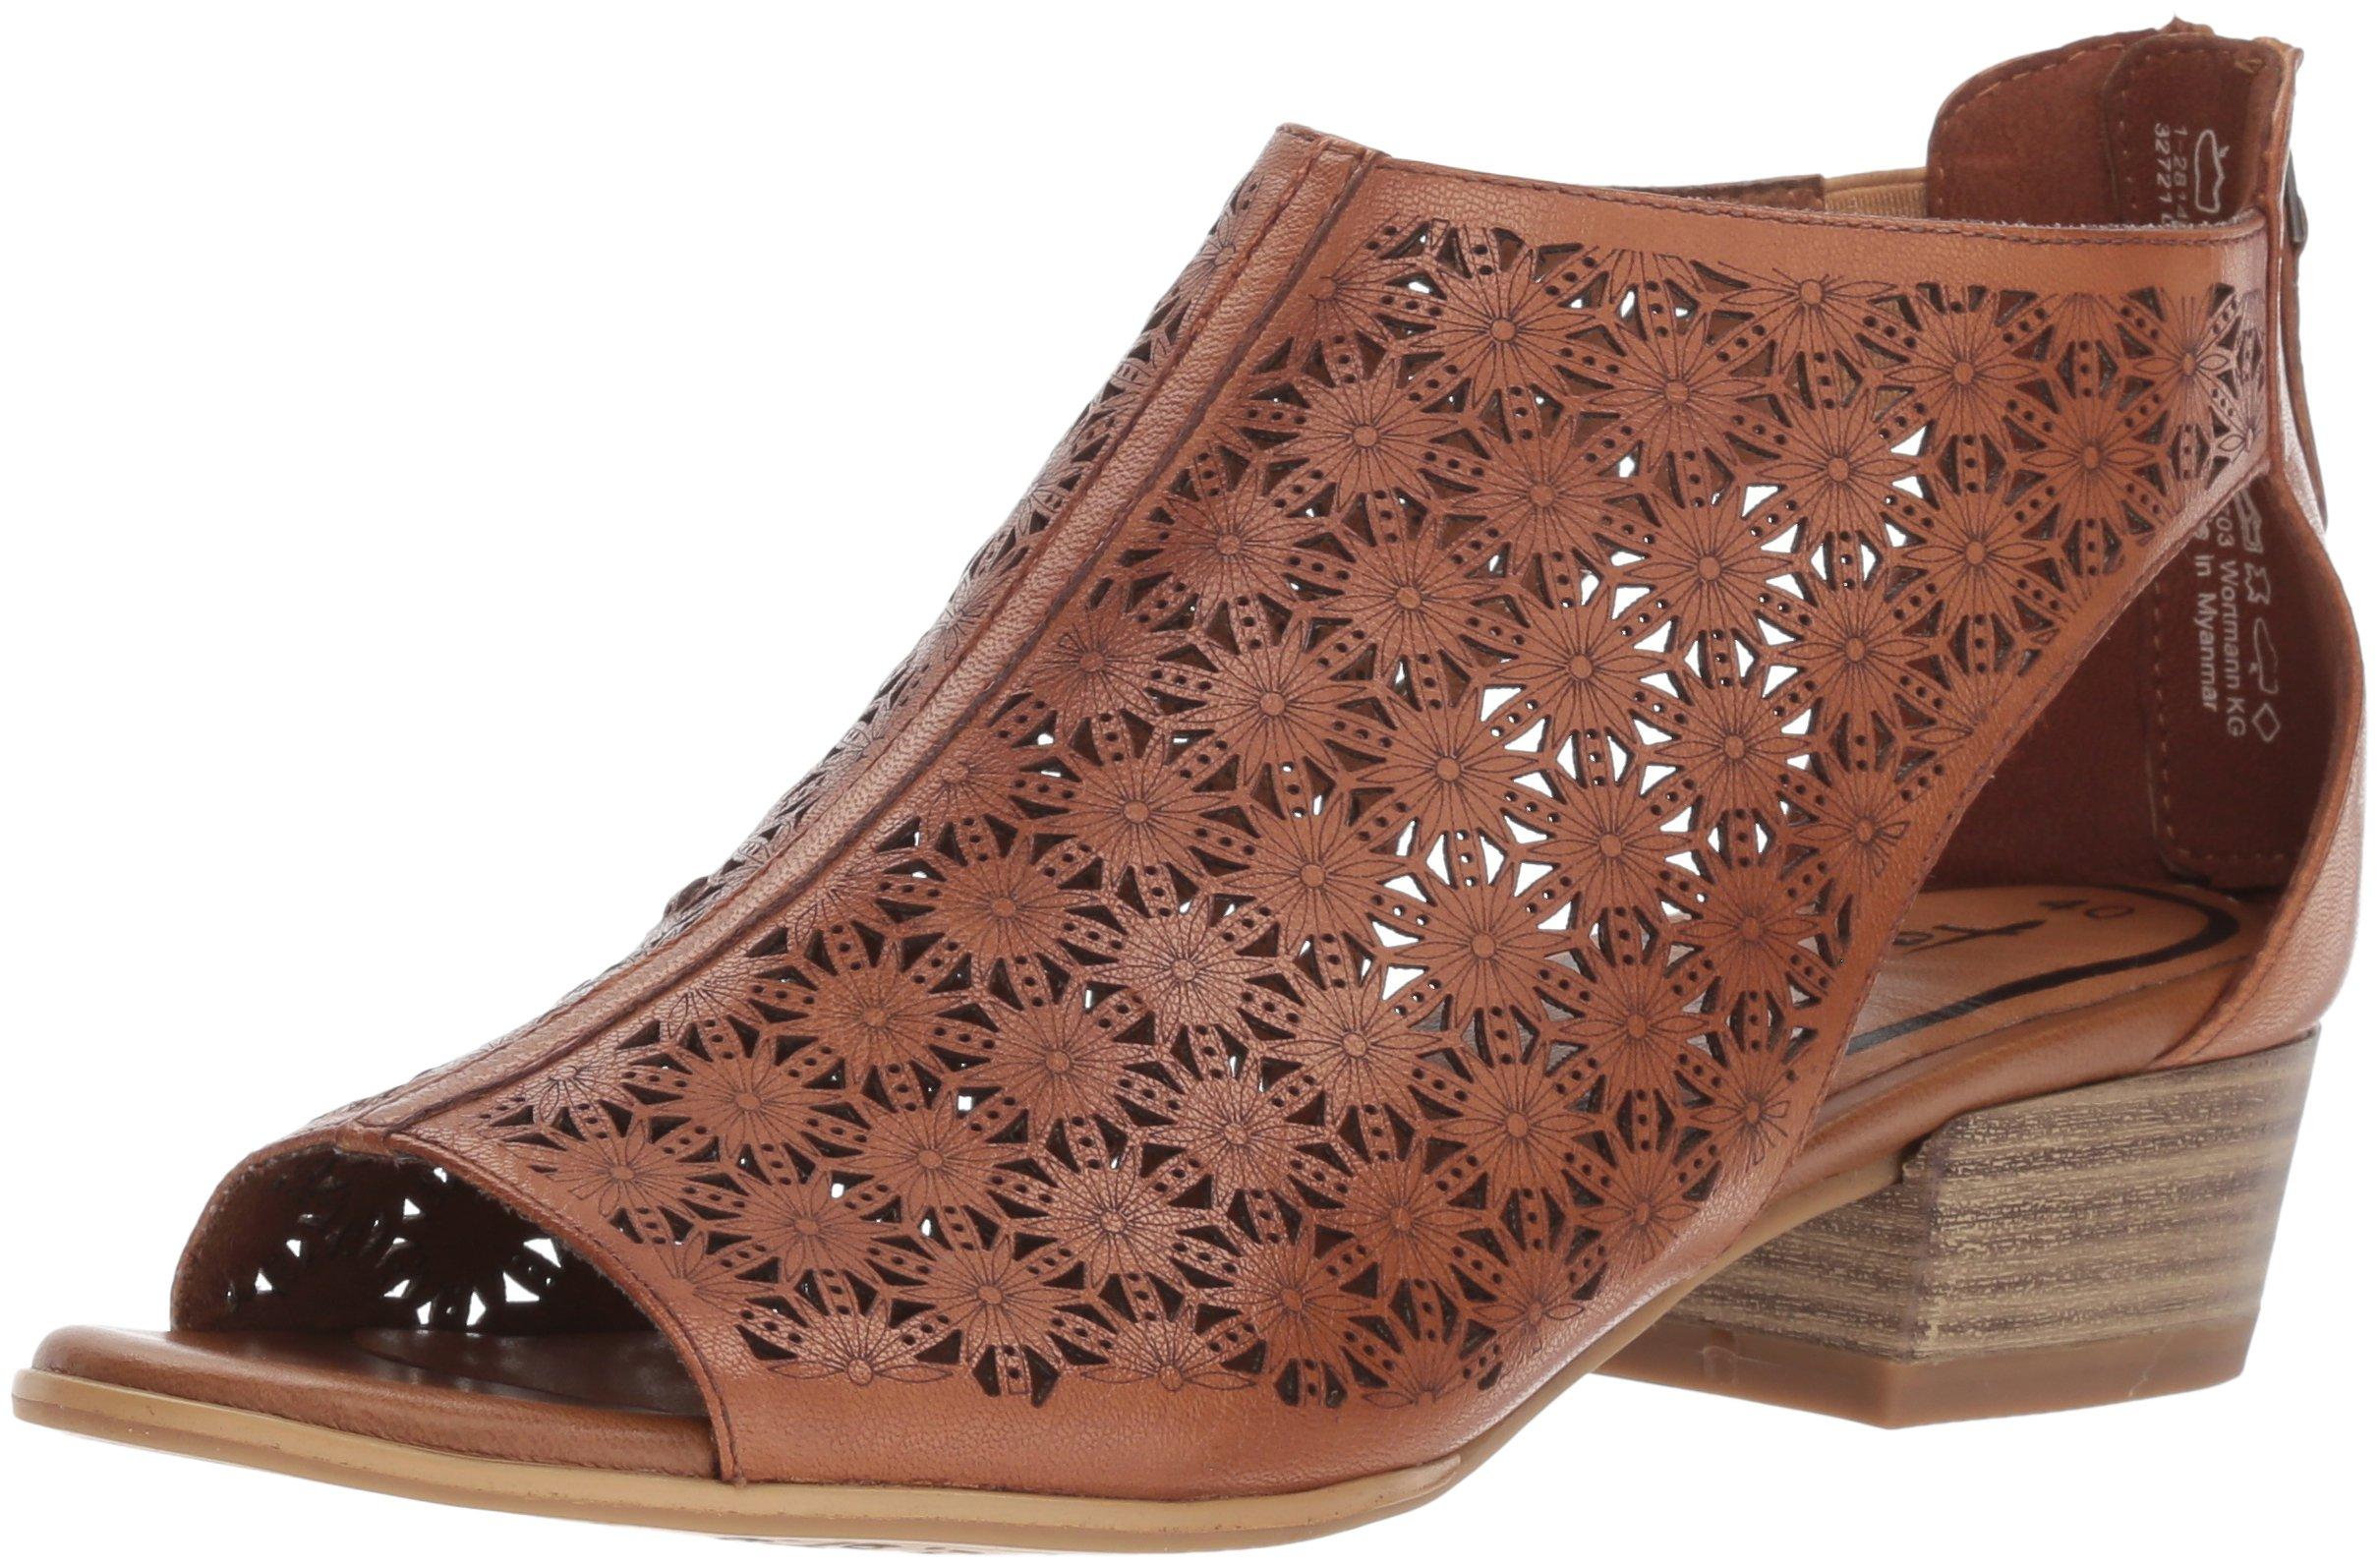 Tamaris Women's Nao 28140 Oxford Flat, Cognac, 39 Medium EU (8.5 US)